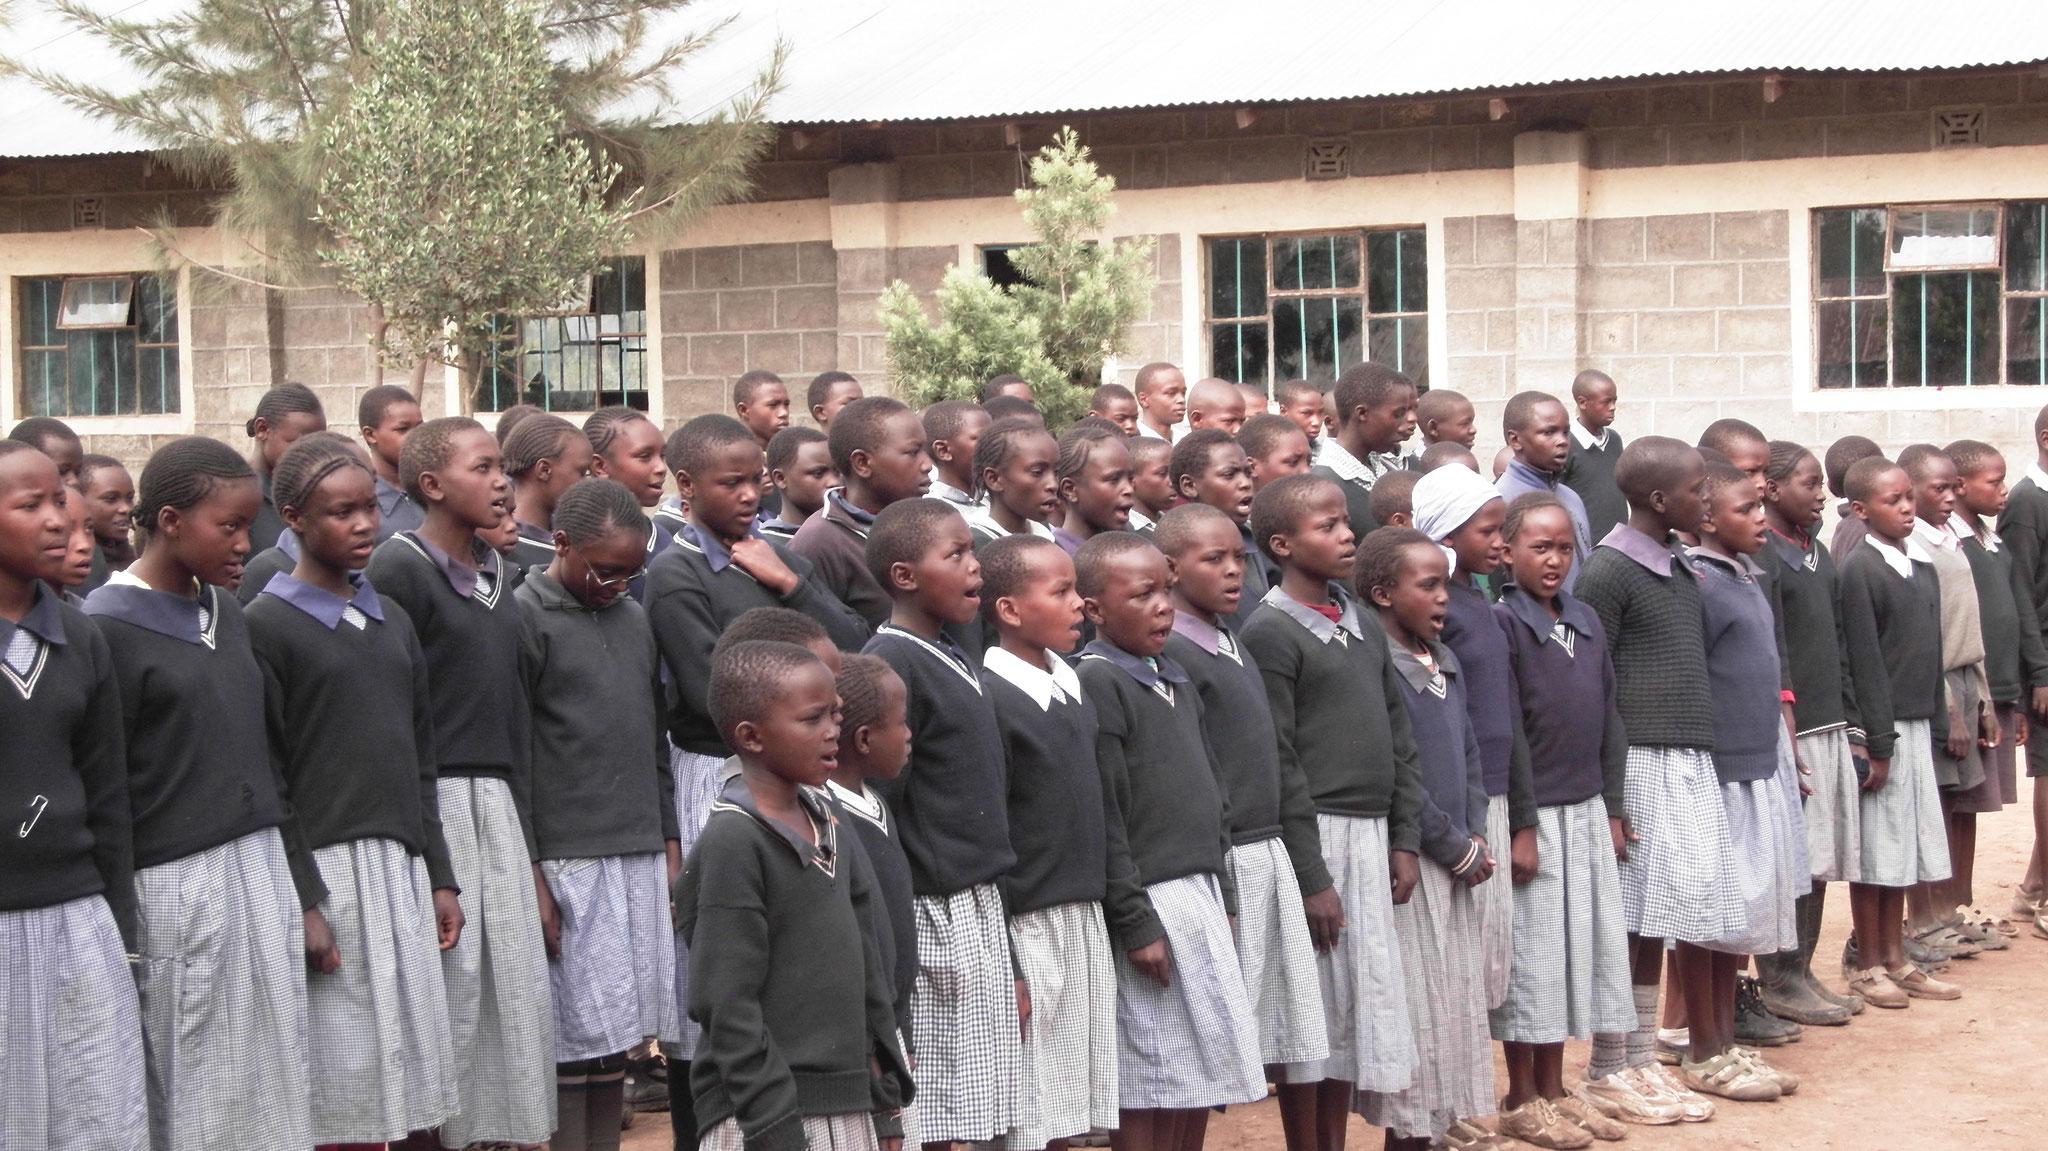 Begrüßungssong für das Kenia-Team